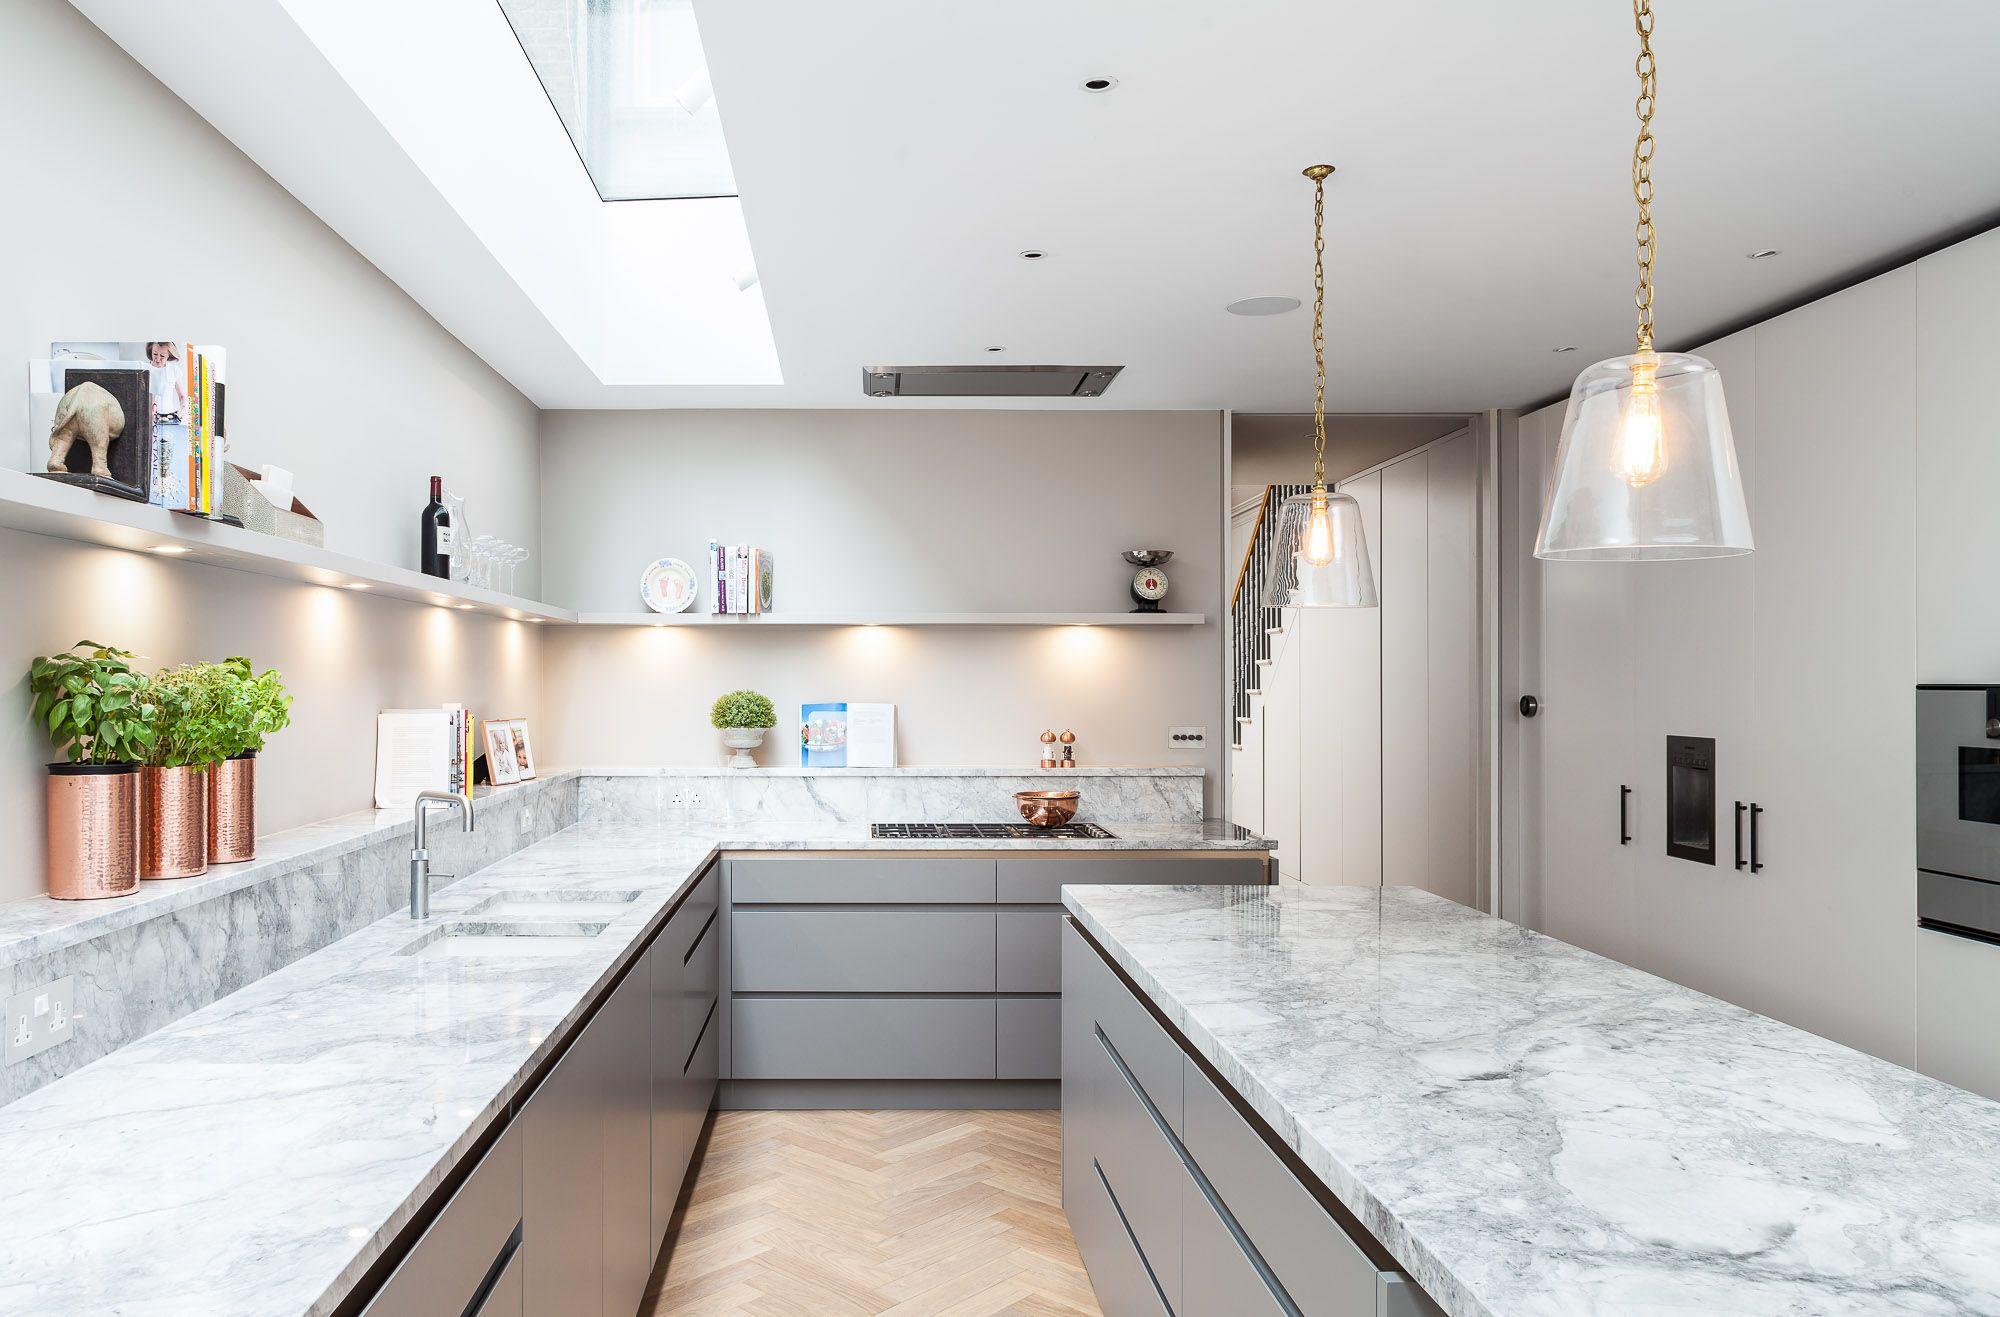 Beltran Road, Jo Cowen Architects 2016 Fulham, SW6 London Bespoke ...